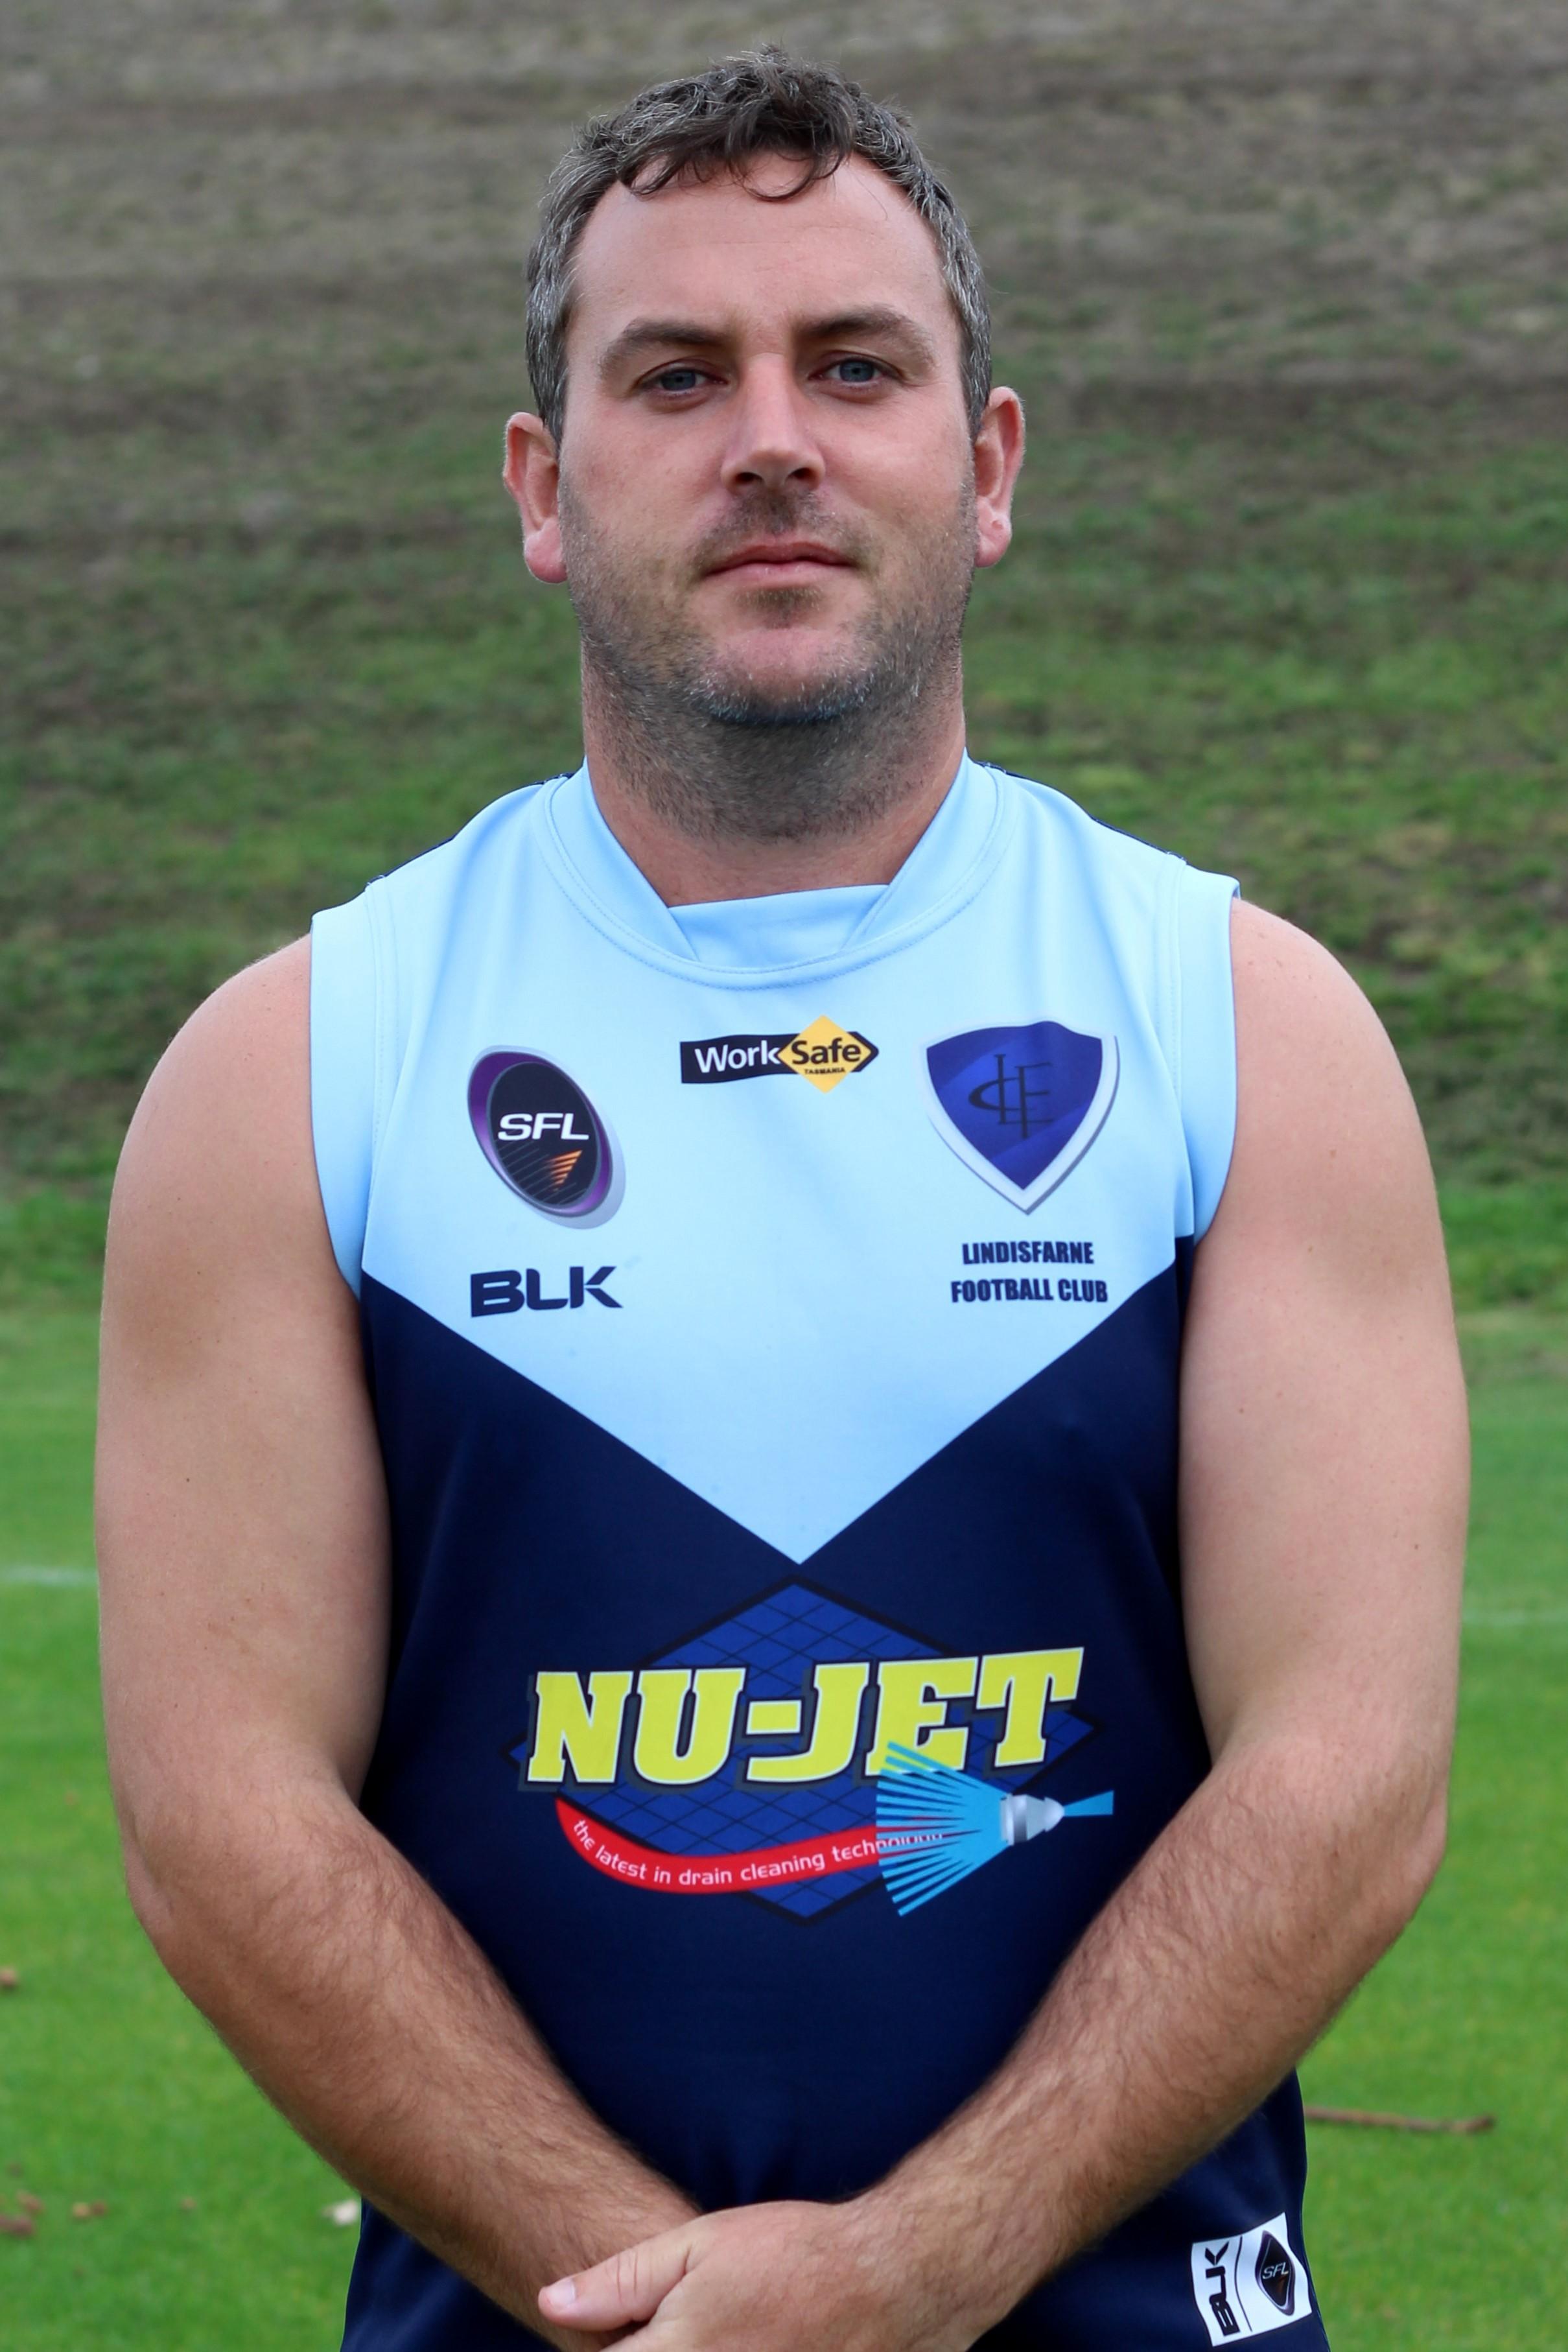 Andrew Flemming